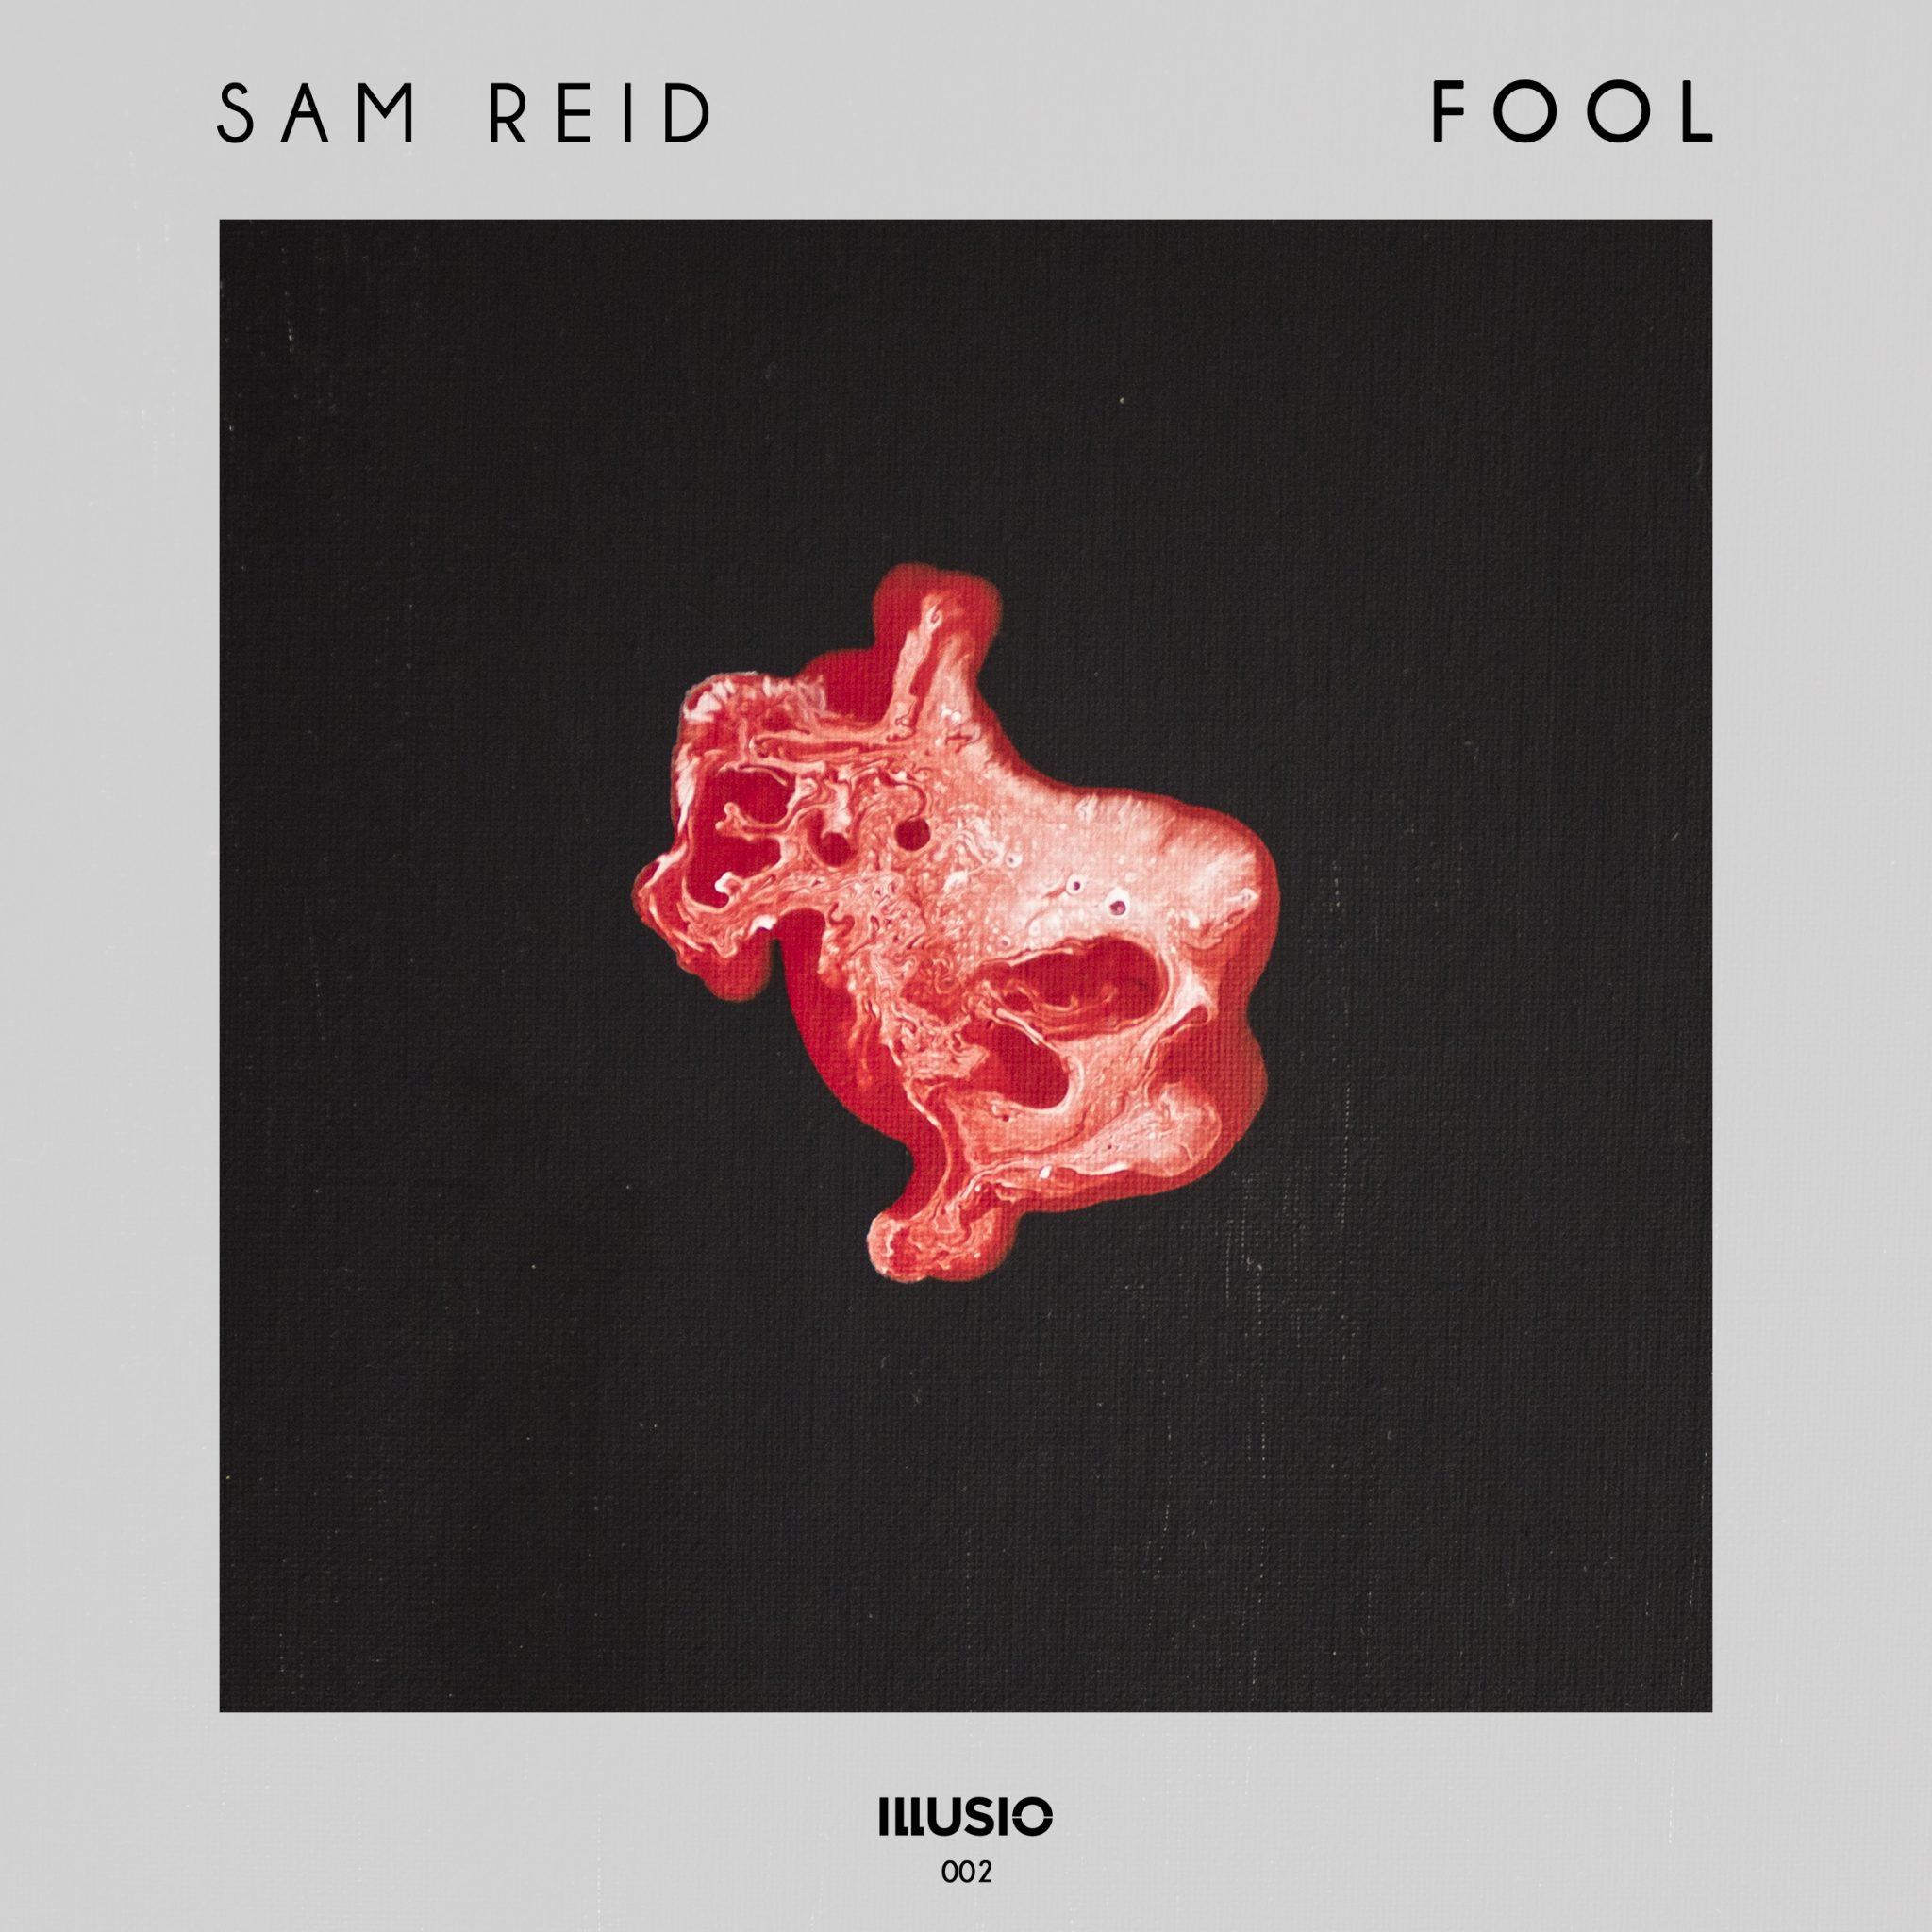 ILL002-Sam-Reid-Fool